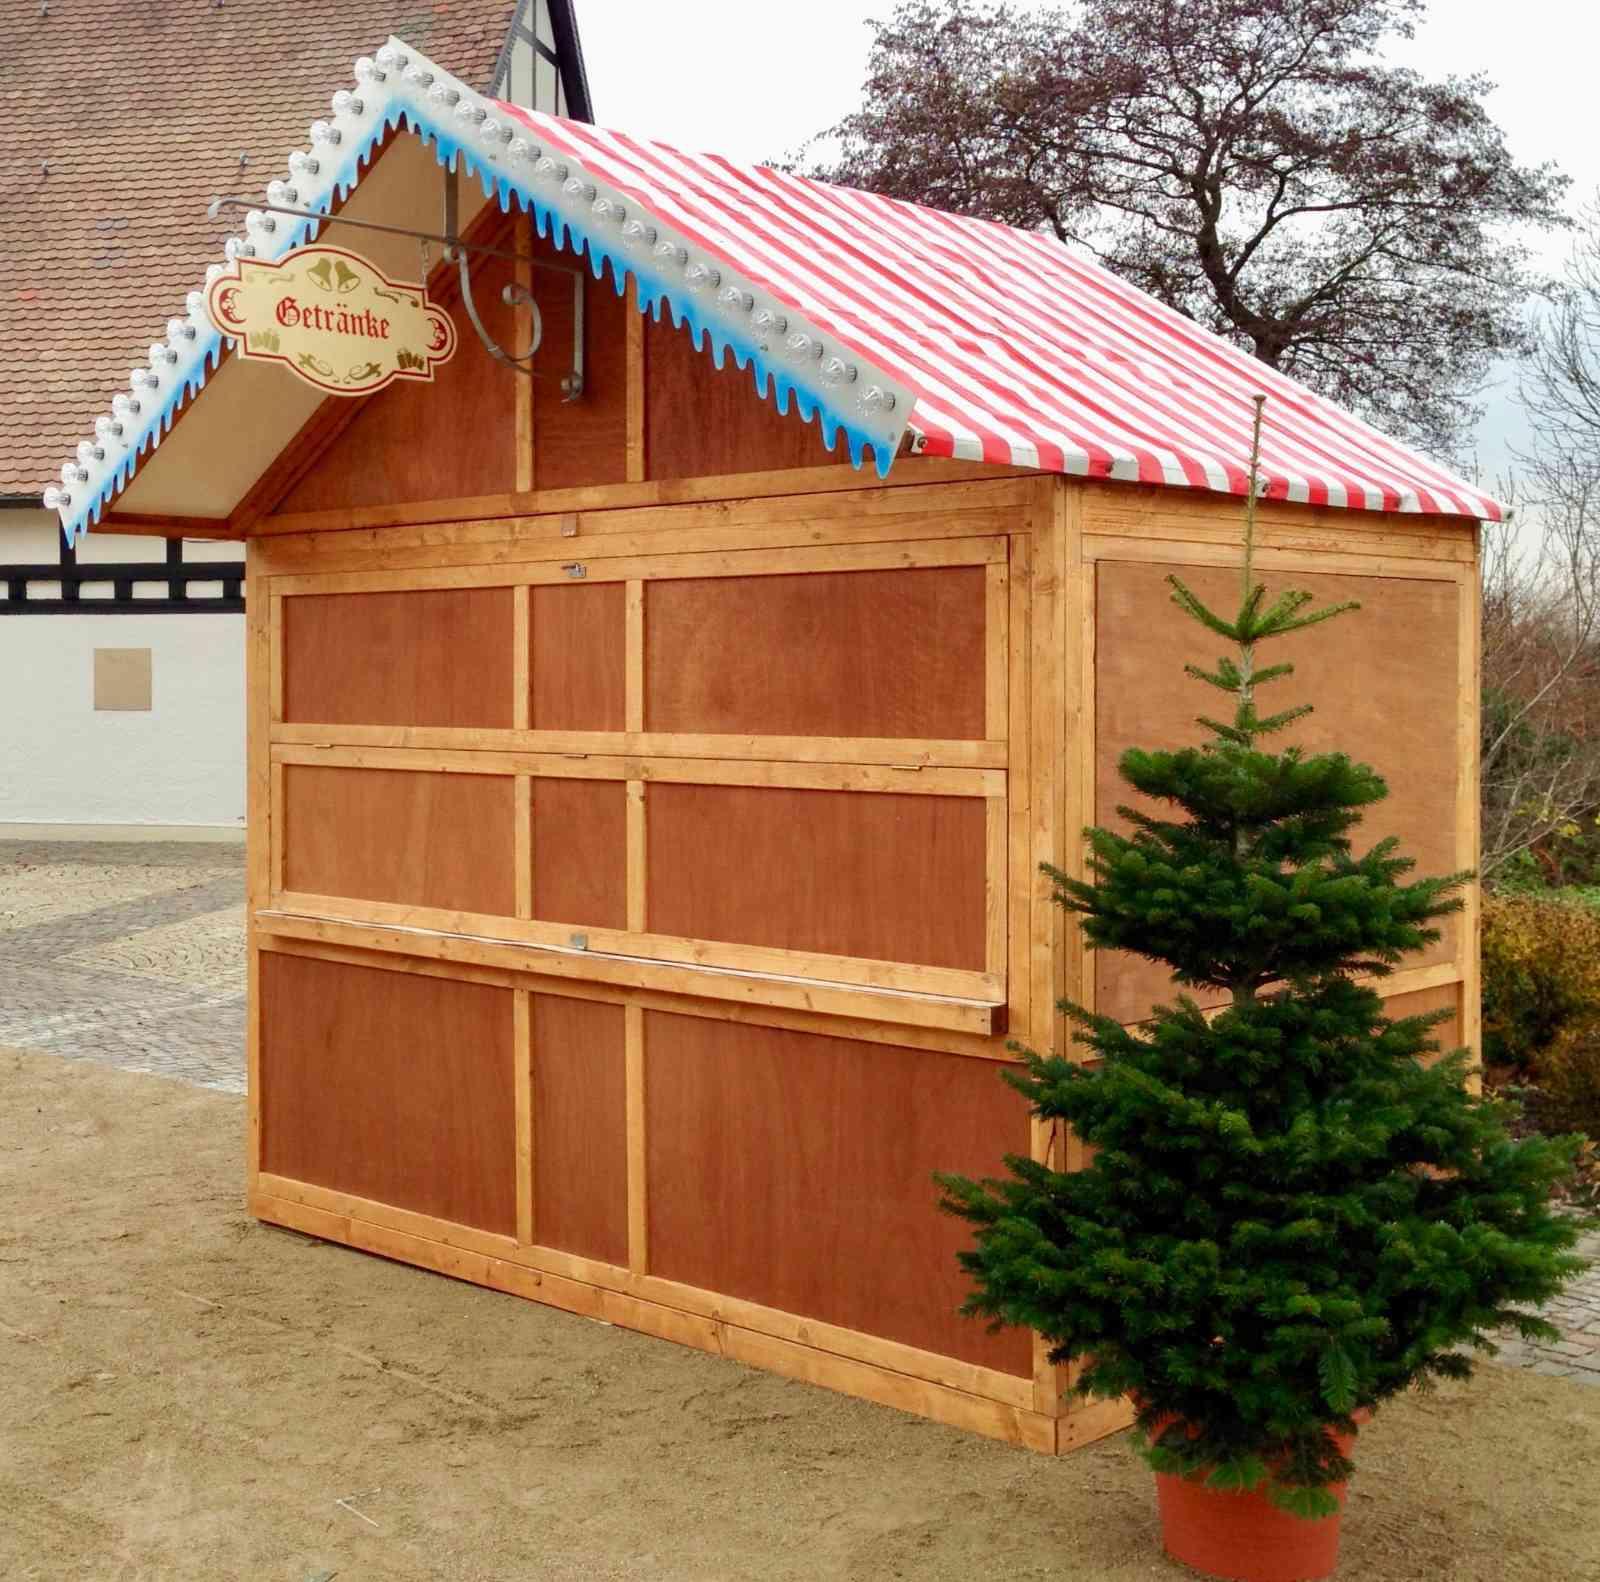 079-Weihnachtsmarktbude klappbar